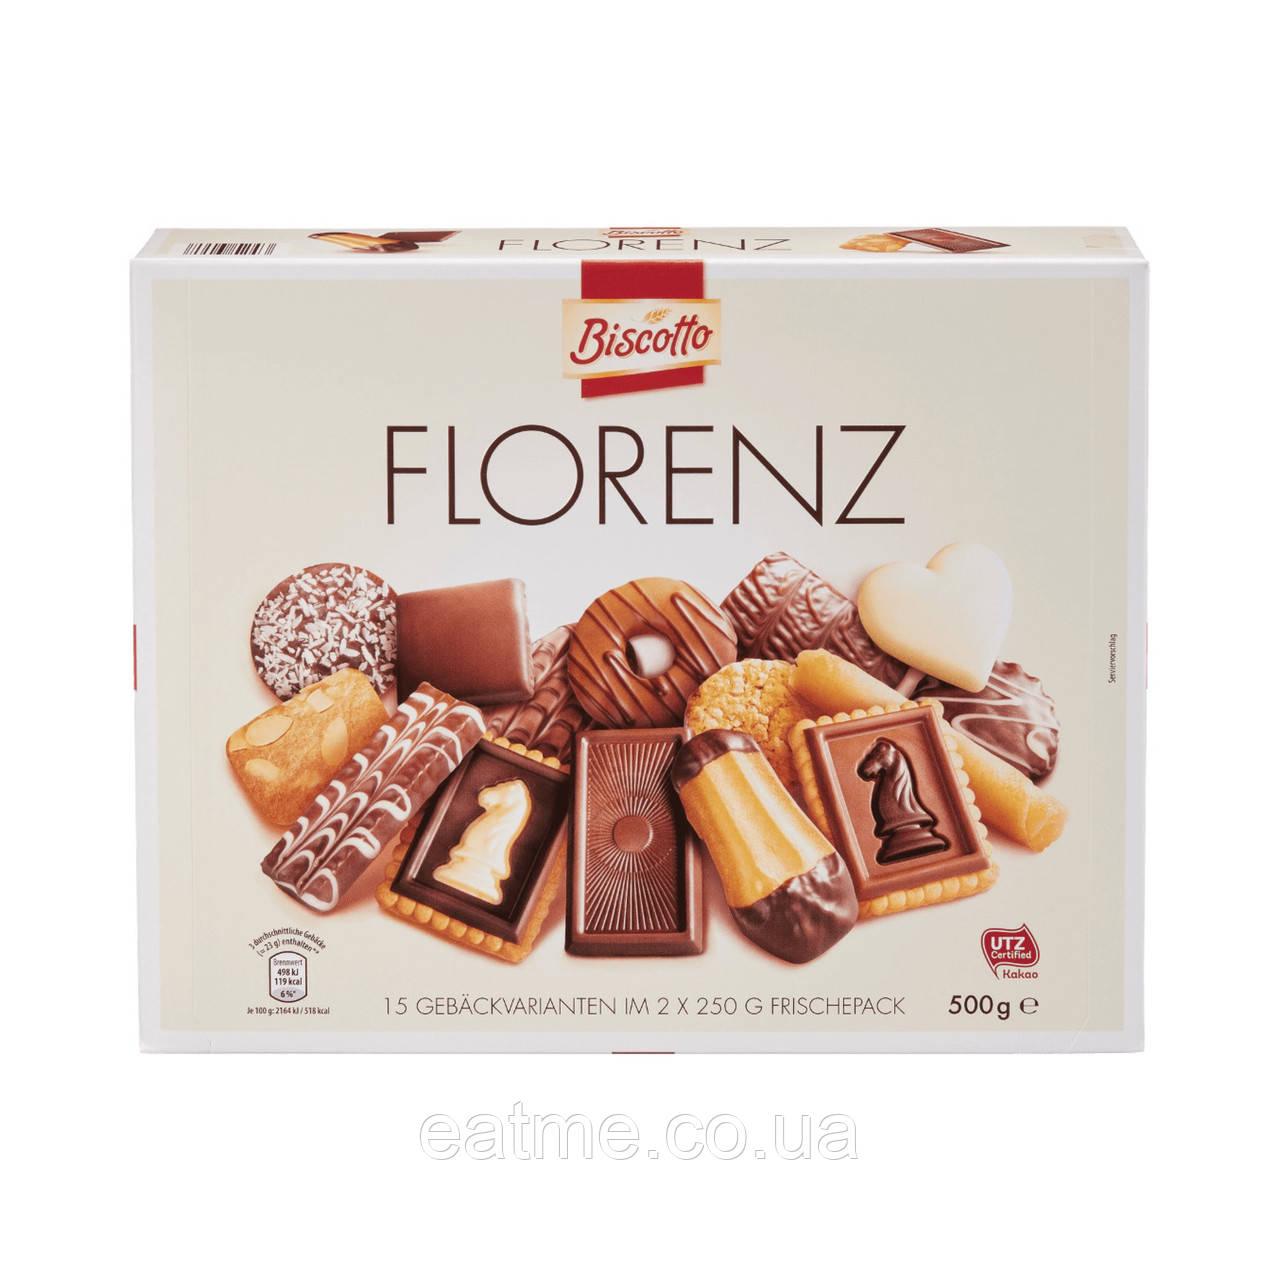 Печенье ассорти Florenz от немецкого бренда Biscotto